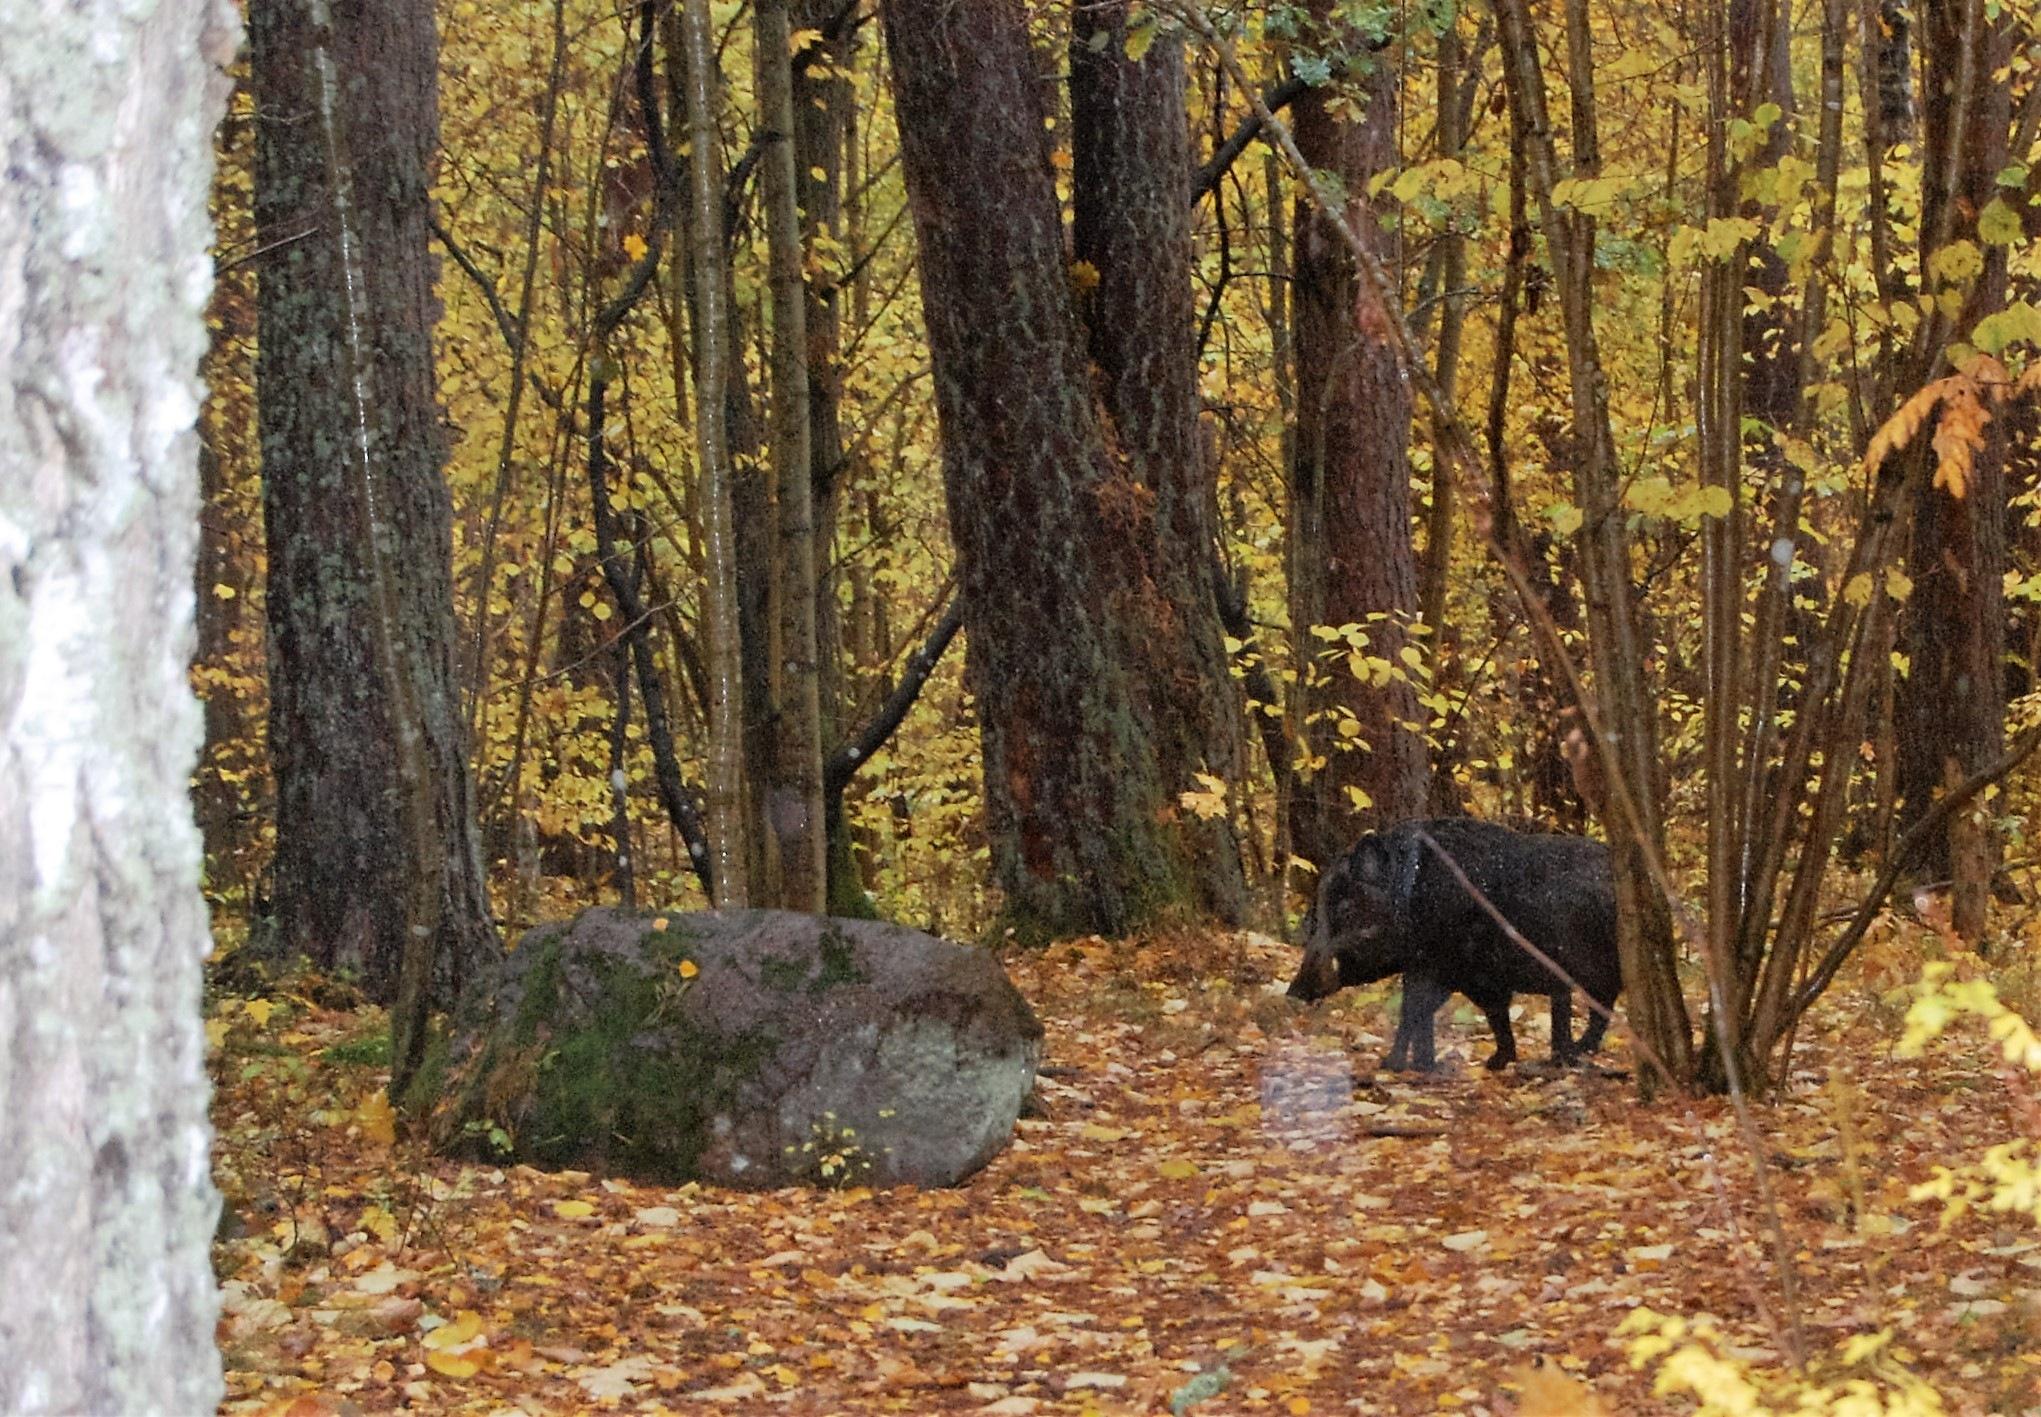 Wild boar by lillemor.ekstrom ek